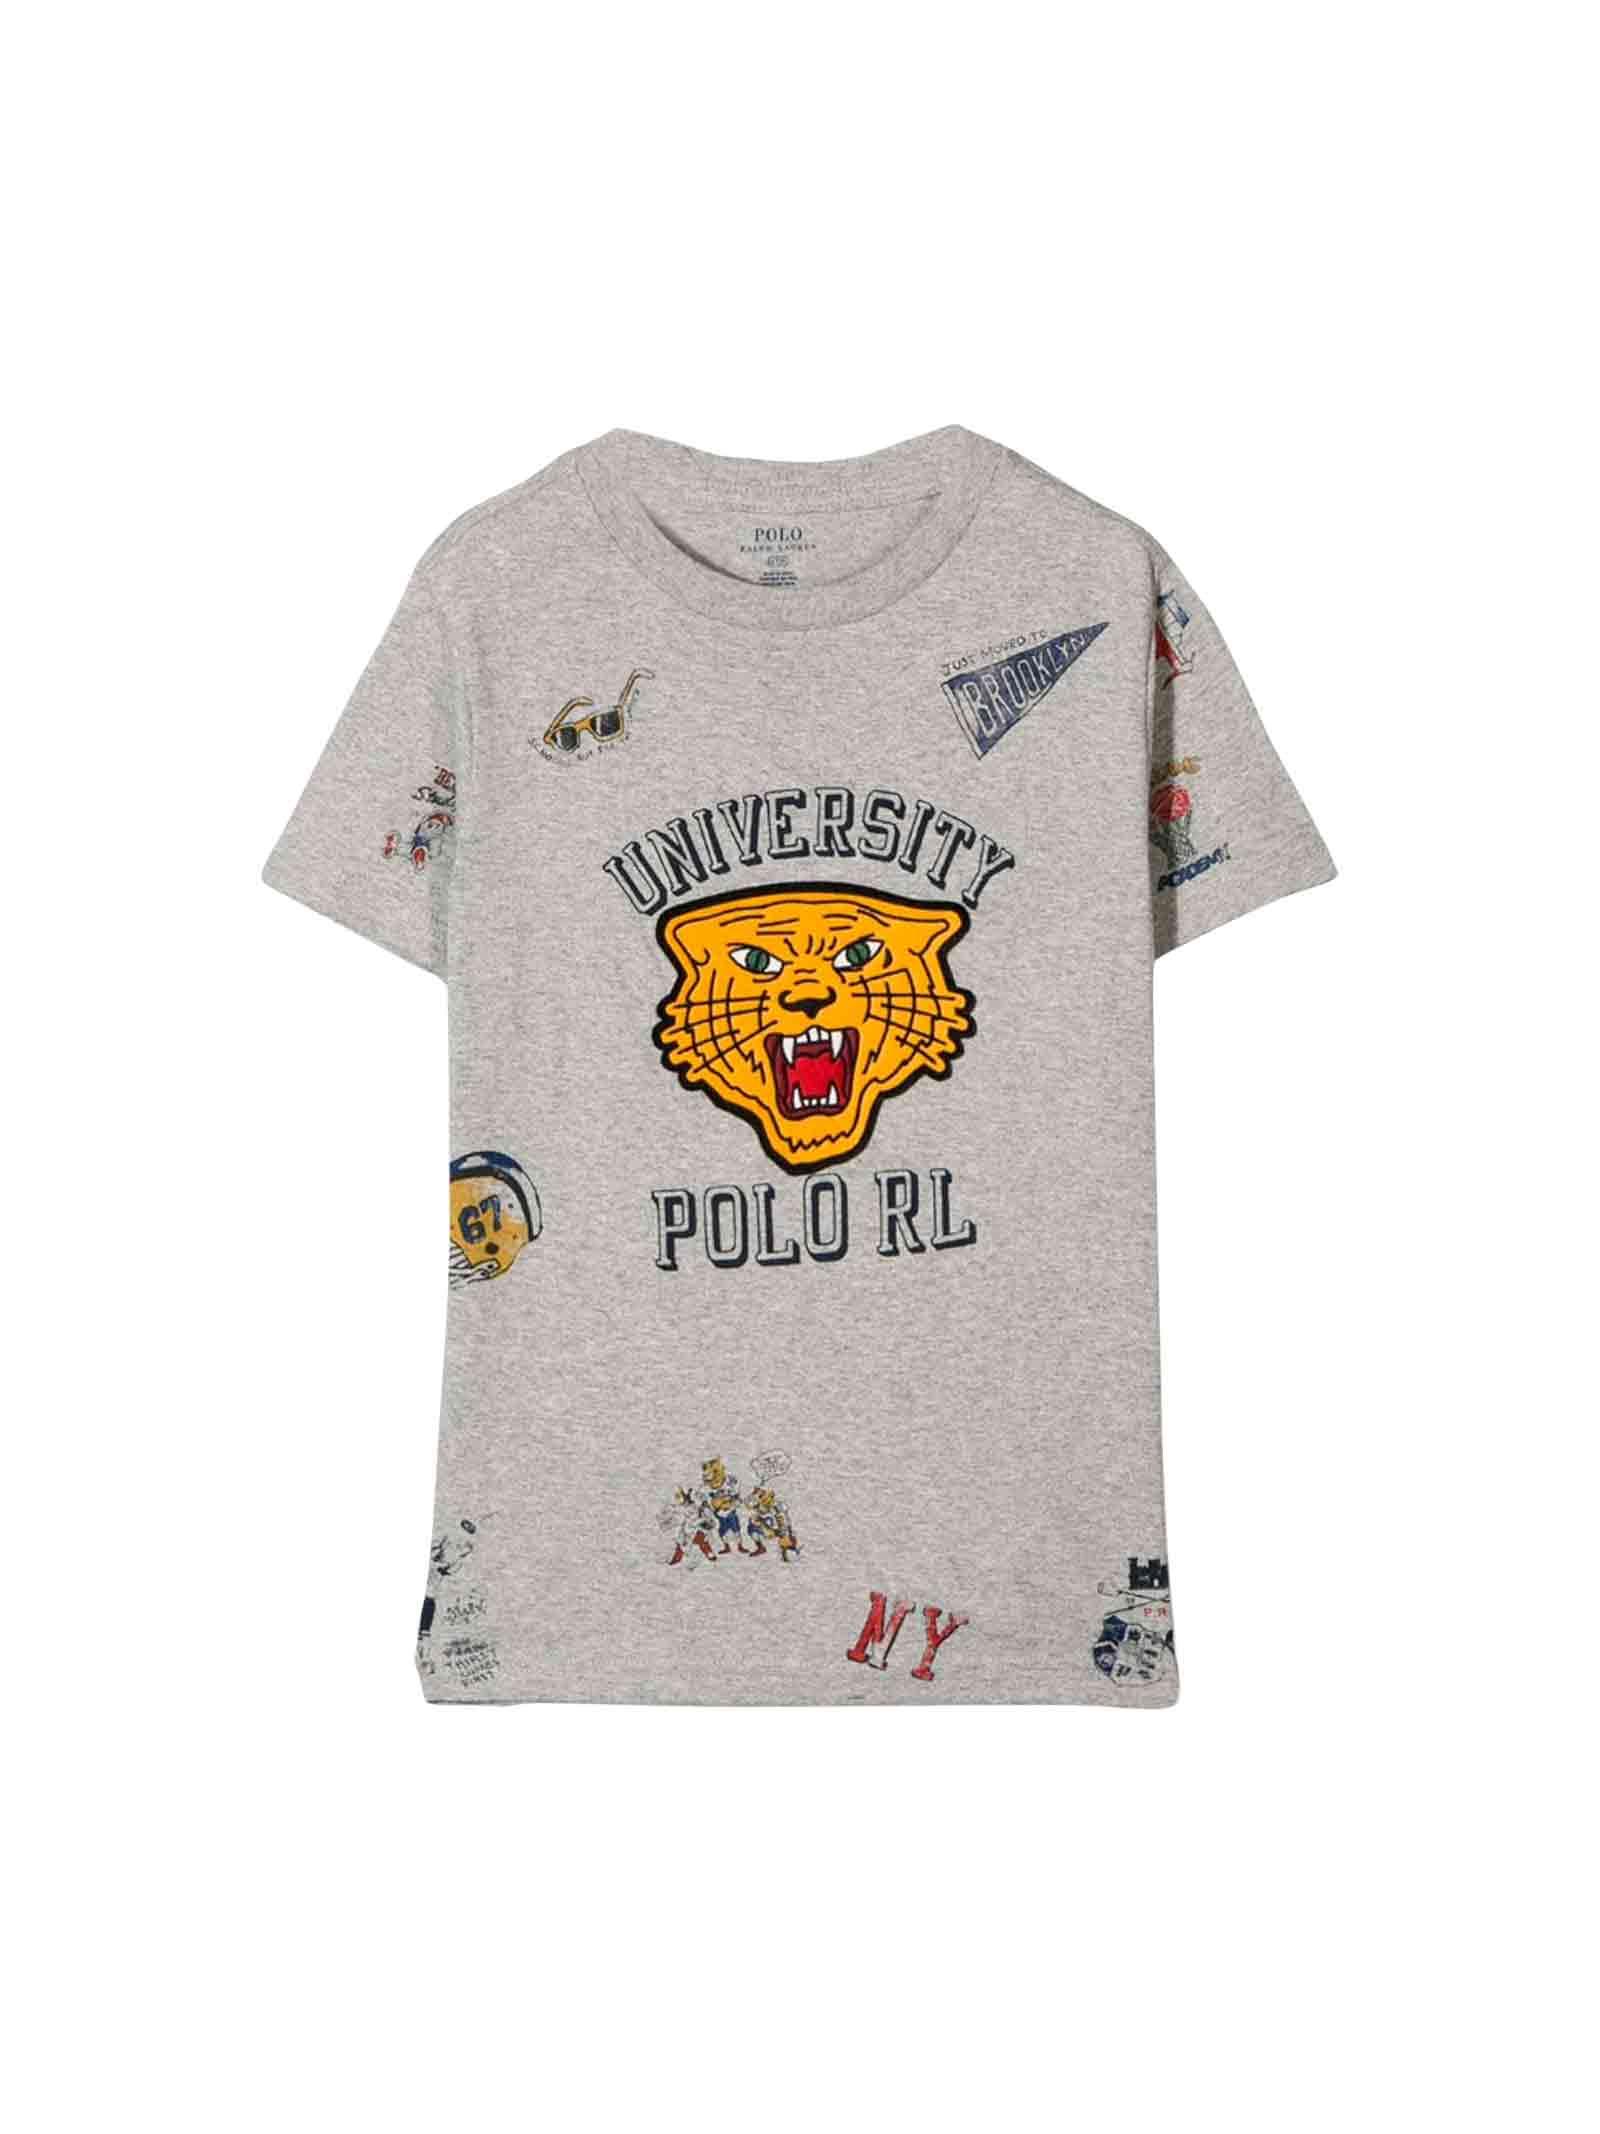 best sneakers 0d4ee d0147 T-shirt grigia bambino Ralph Lauren kids - RALPH LAUREN KIDS ...